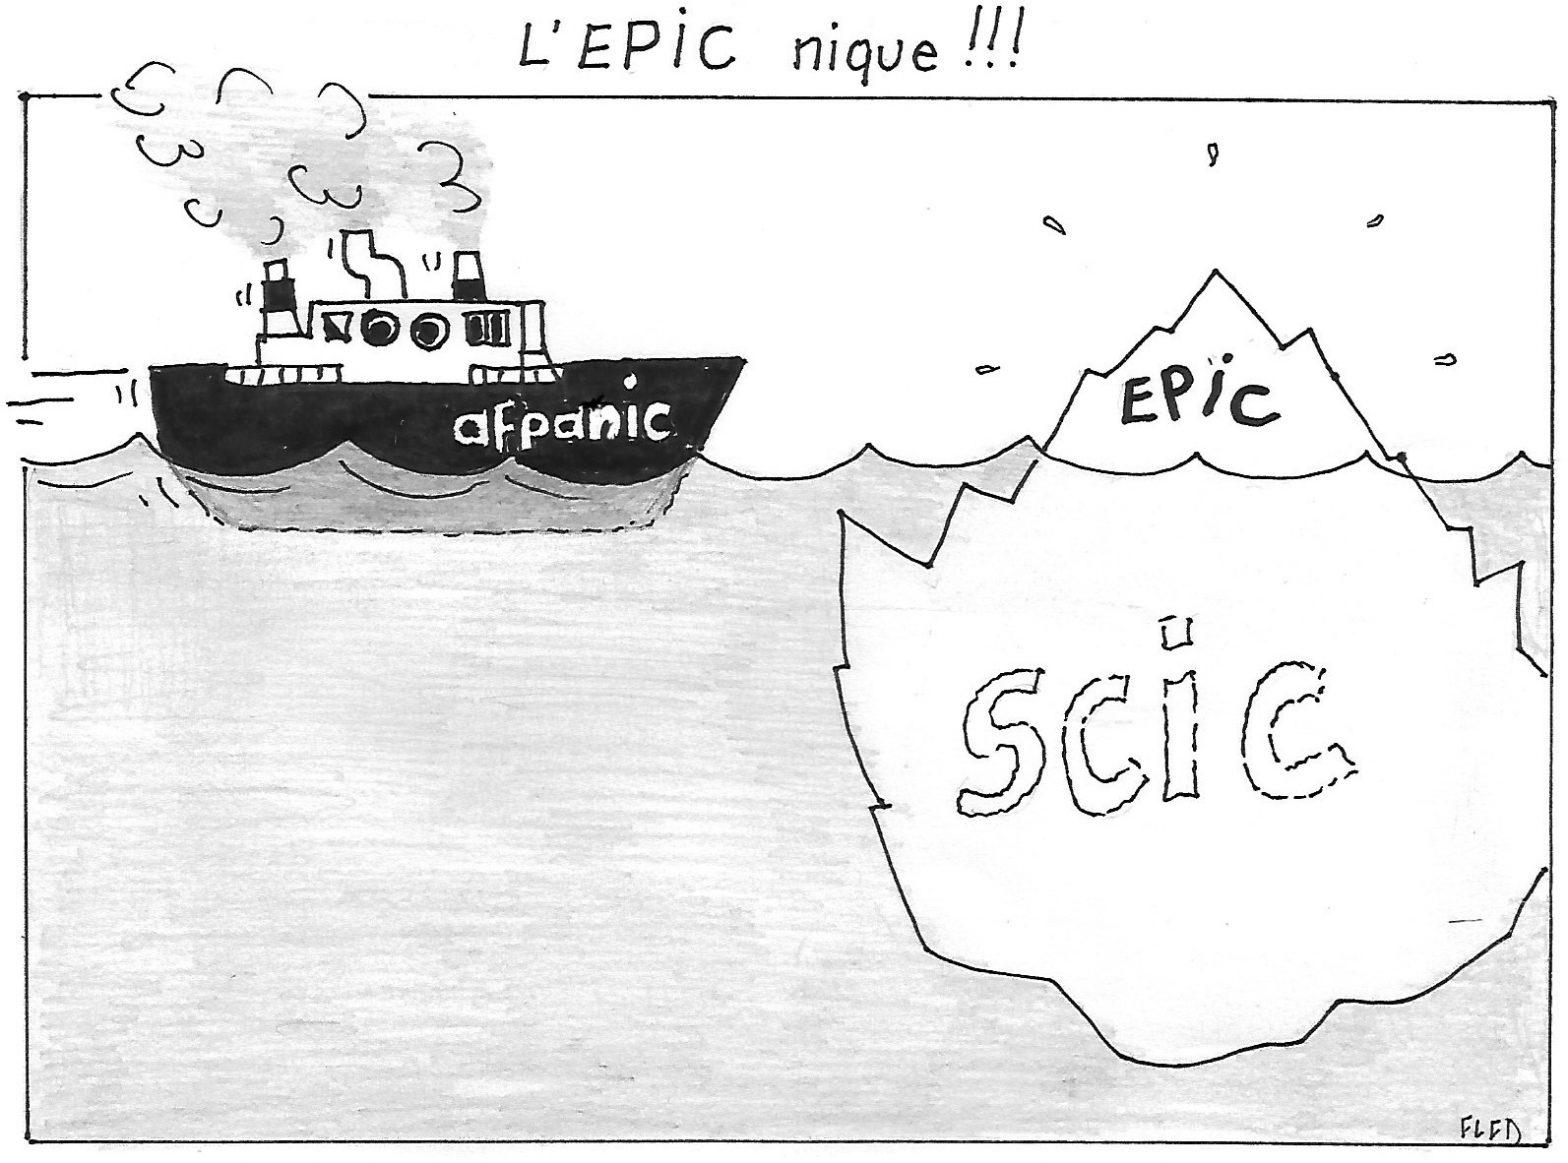 EPIC nique